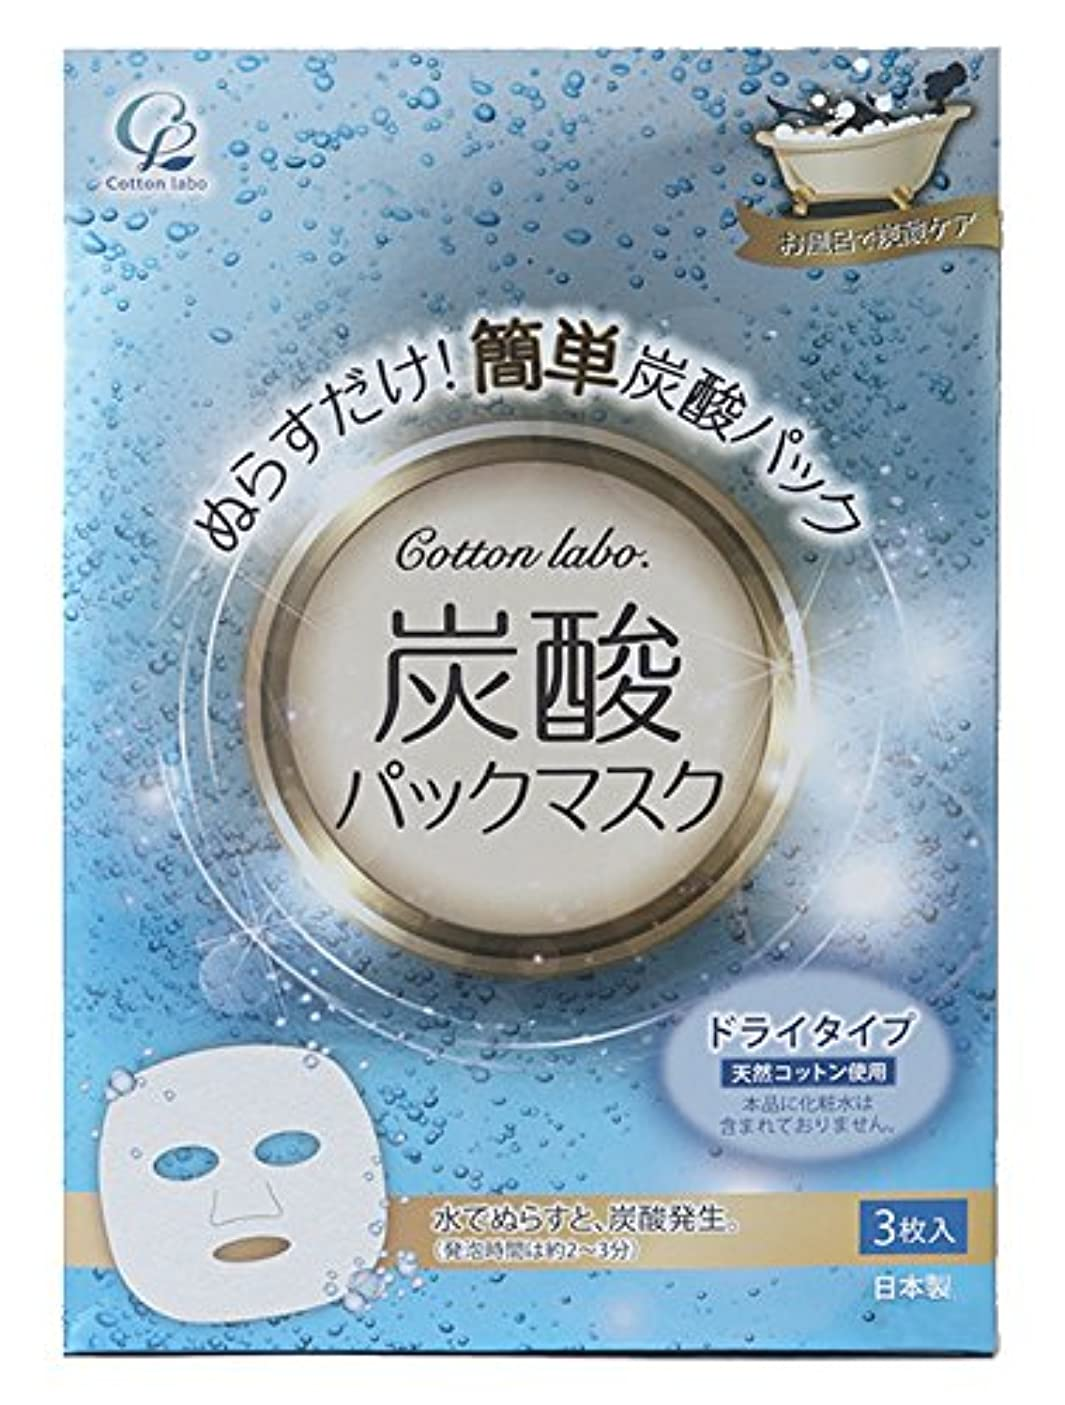 子供時代ワークショップまばたきコットン?ラボ 炭酸パックマスク 3枚入り ドライタイプ 濡らすだけ簡単炭酸ケア (シートタイプフェイスパック)×40点セット (4973202301069)